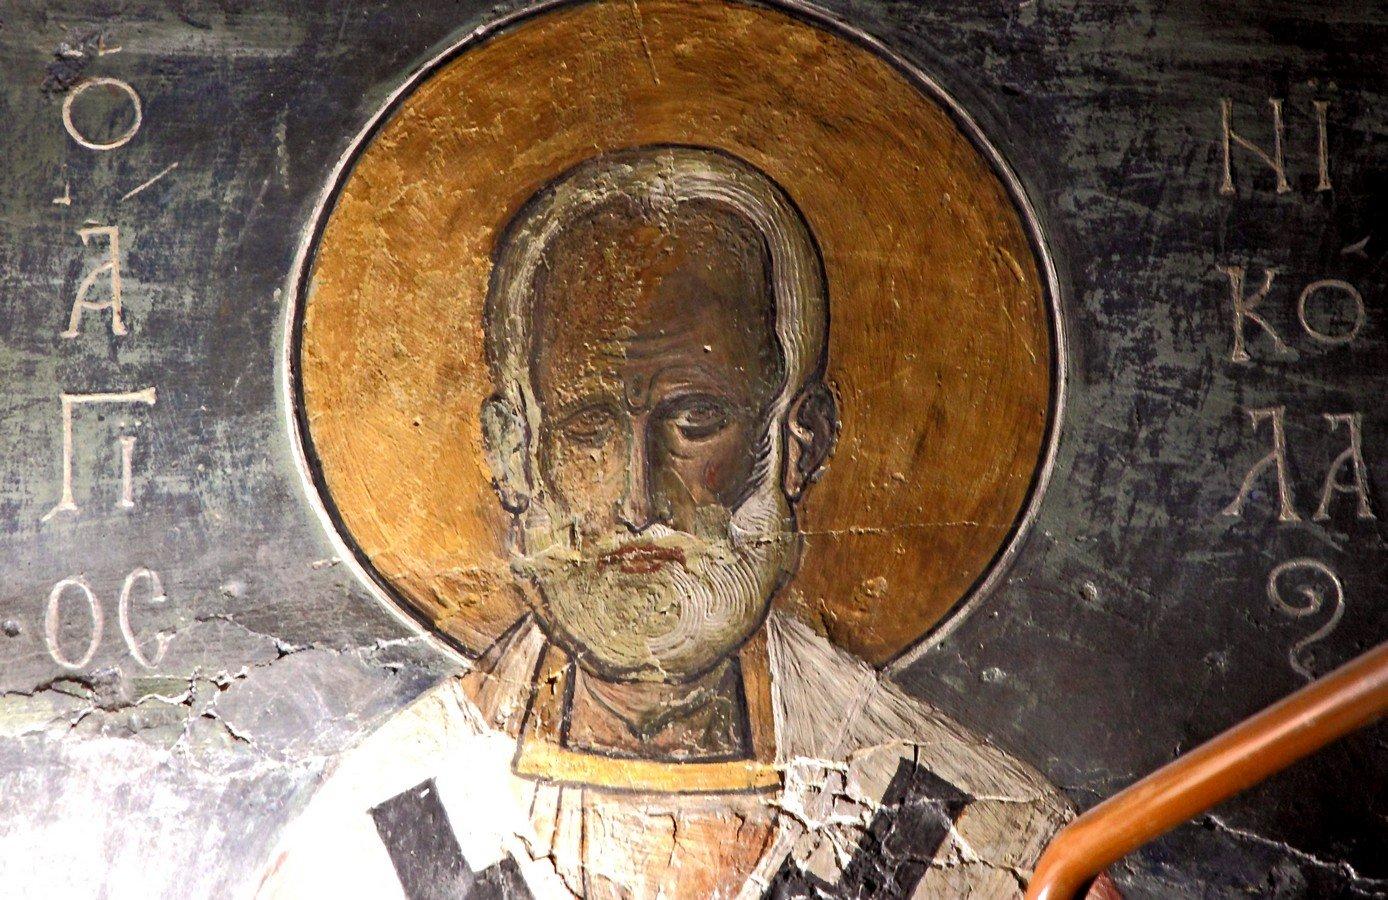 Святитель Николай, Архиепископ Мир Ликийских, Чудотворец. Фреска церкви Панагии Аракиотиссы в деревне Лагудера на Кипре. 1192 год.